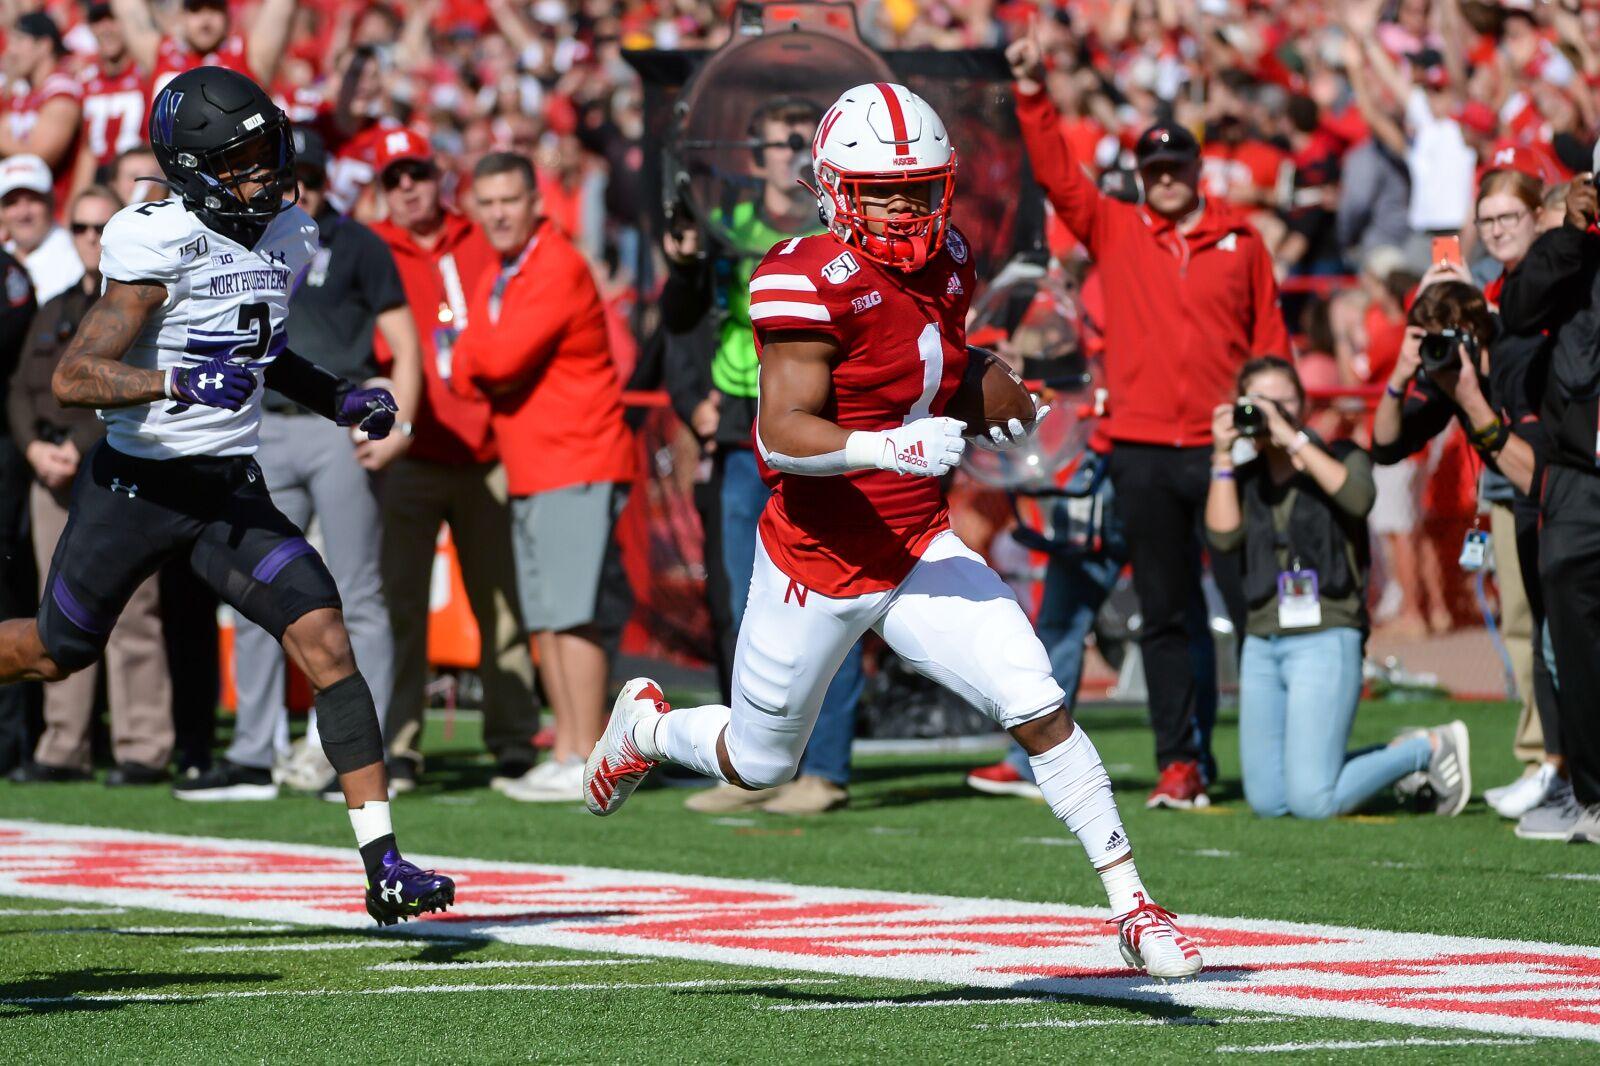 Nebraska Football: Wan'Dale Robinson honored for big game ...